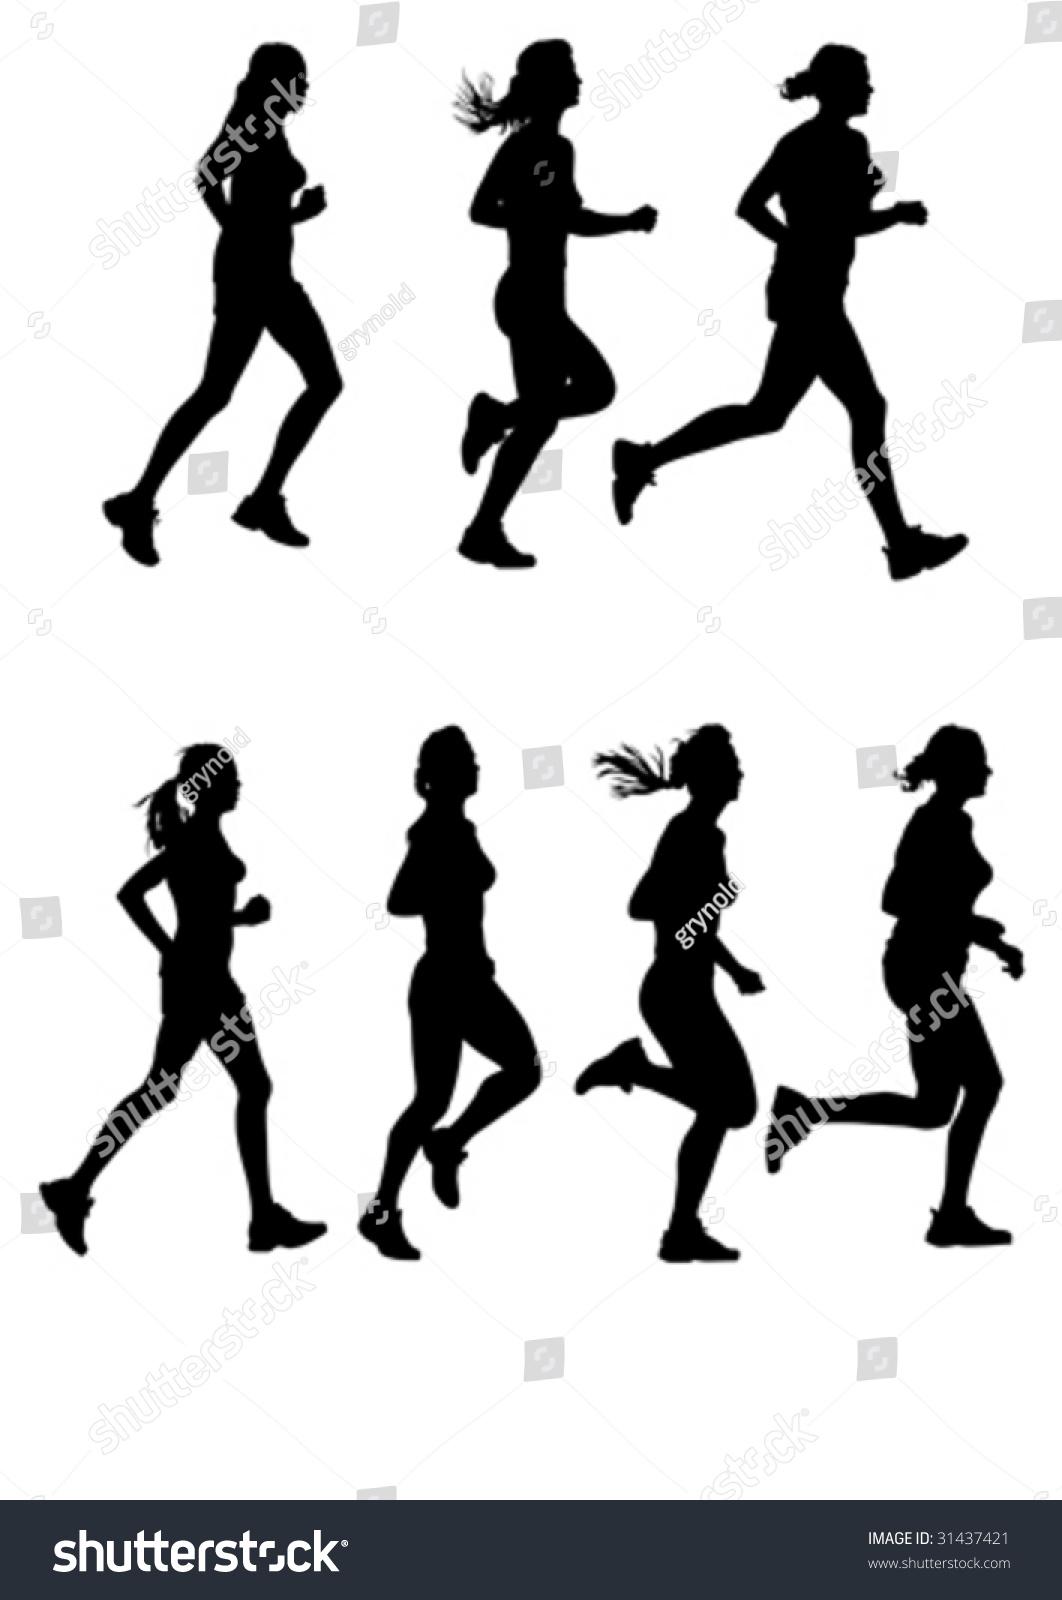 矢量图的女性马拉松